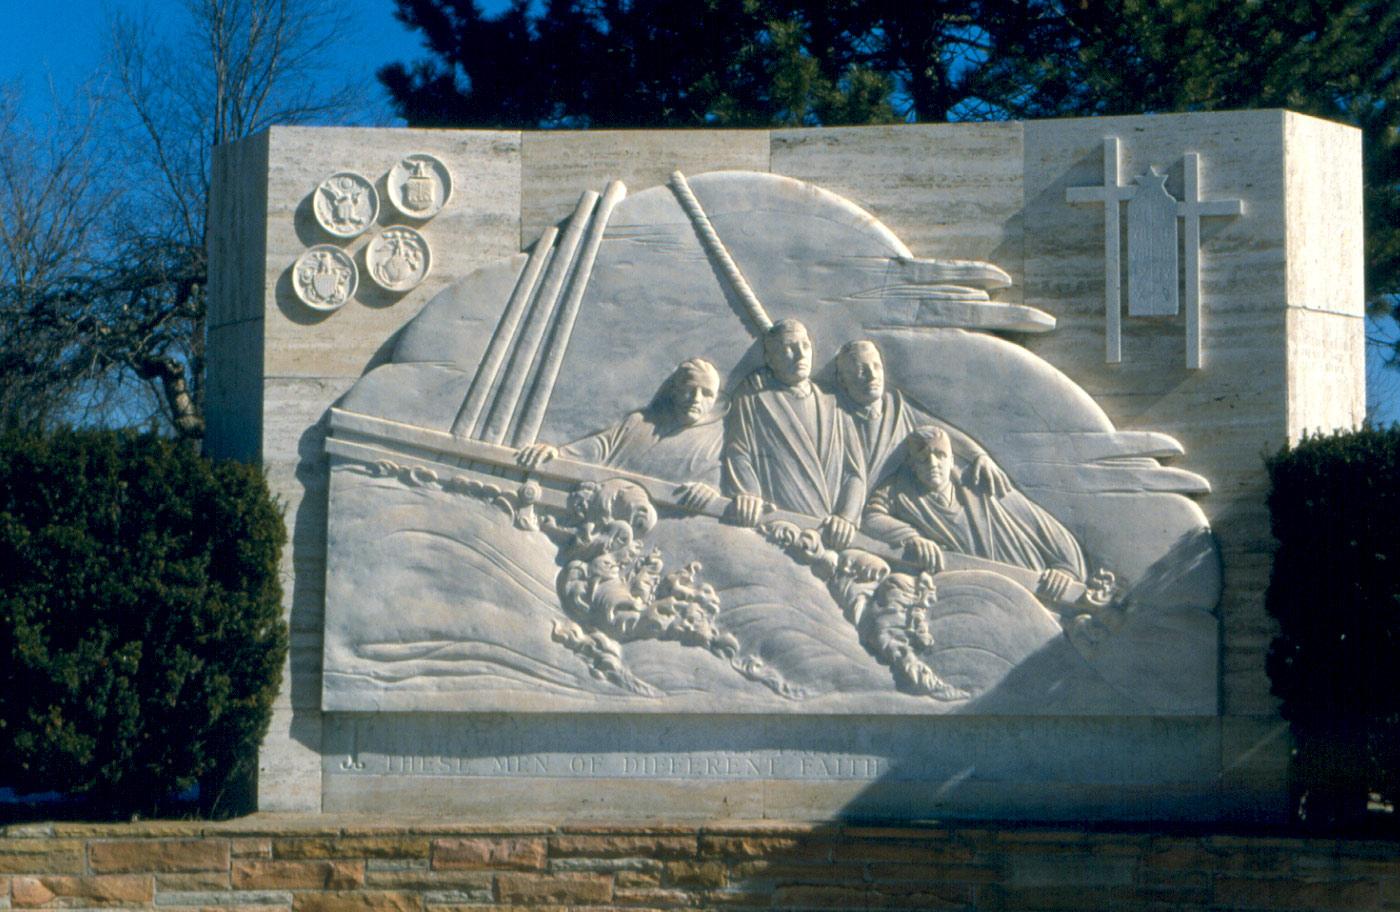 Four Chaplains Monument, Ann Arbor, Michigan by Carlton W. Angell.